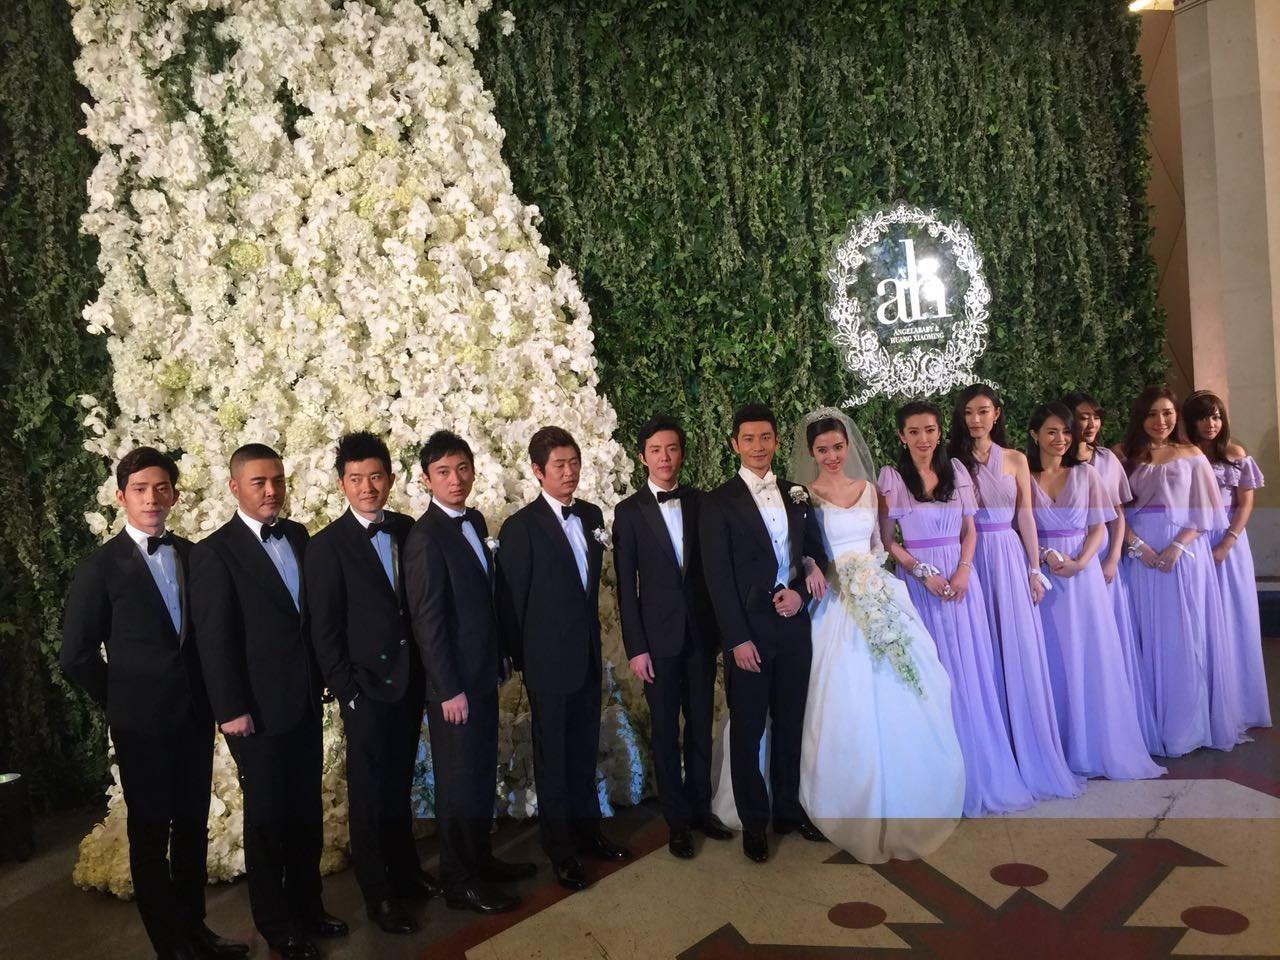 黄晓明baby婚礼爱情名单没有邀请曝光邓超李易峰好看的嘉宾古风电视剧图片